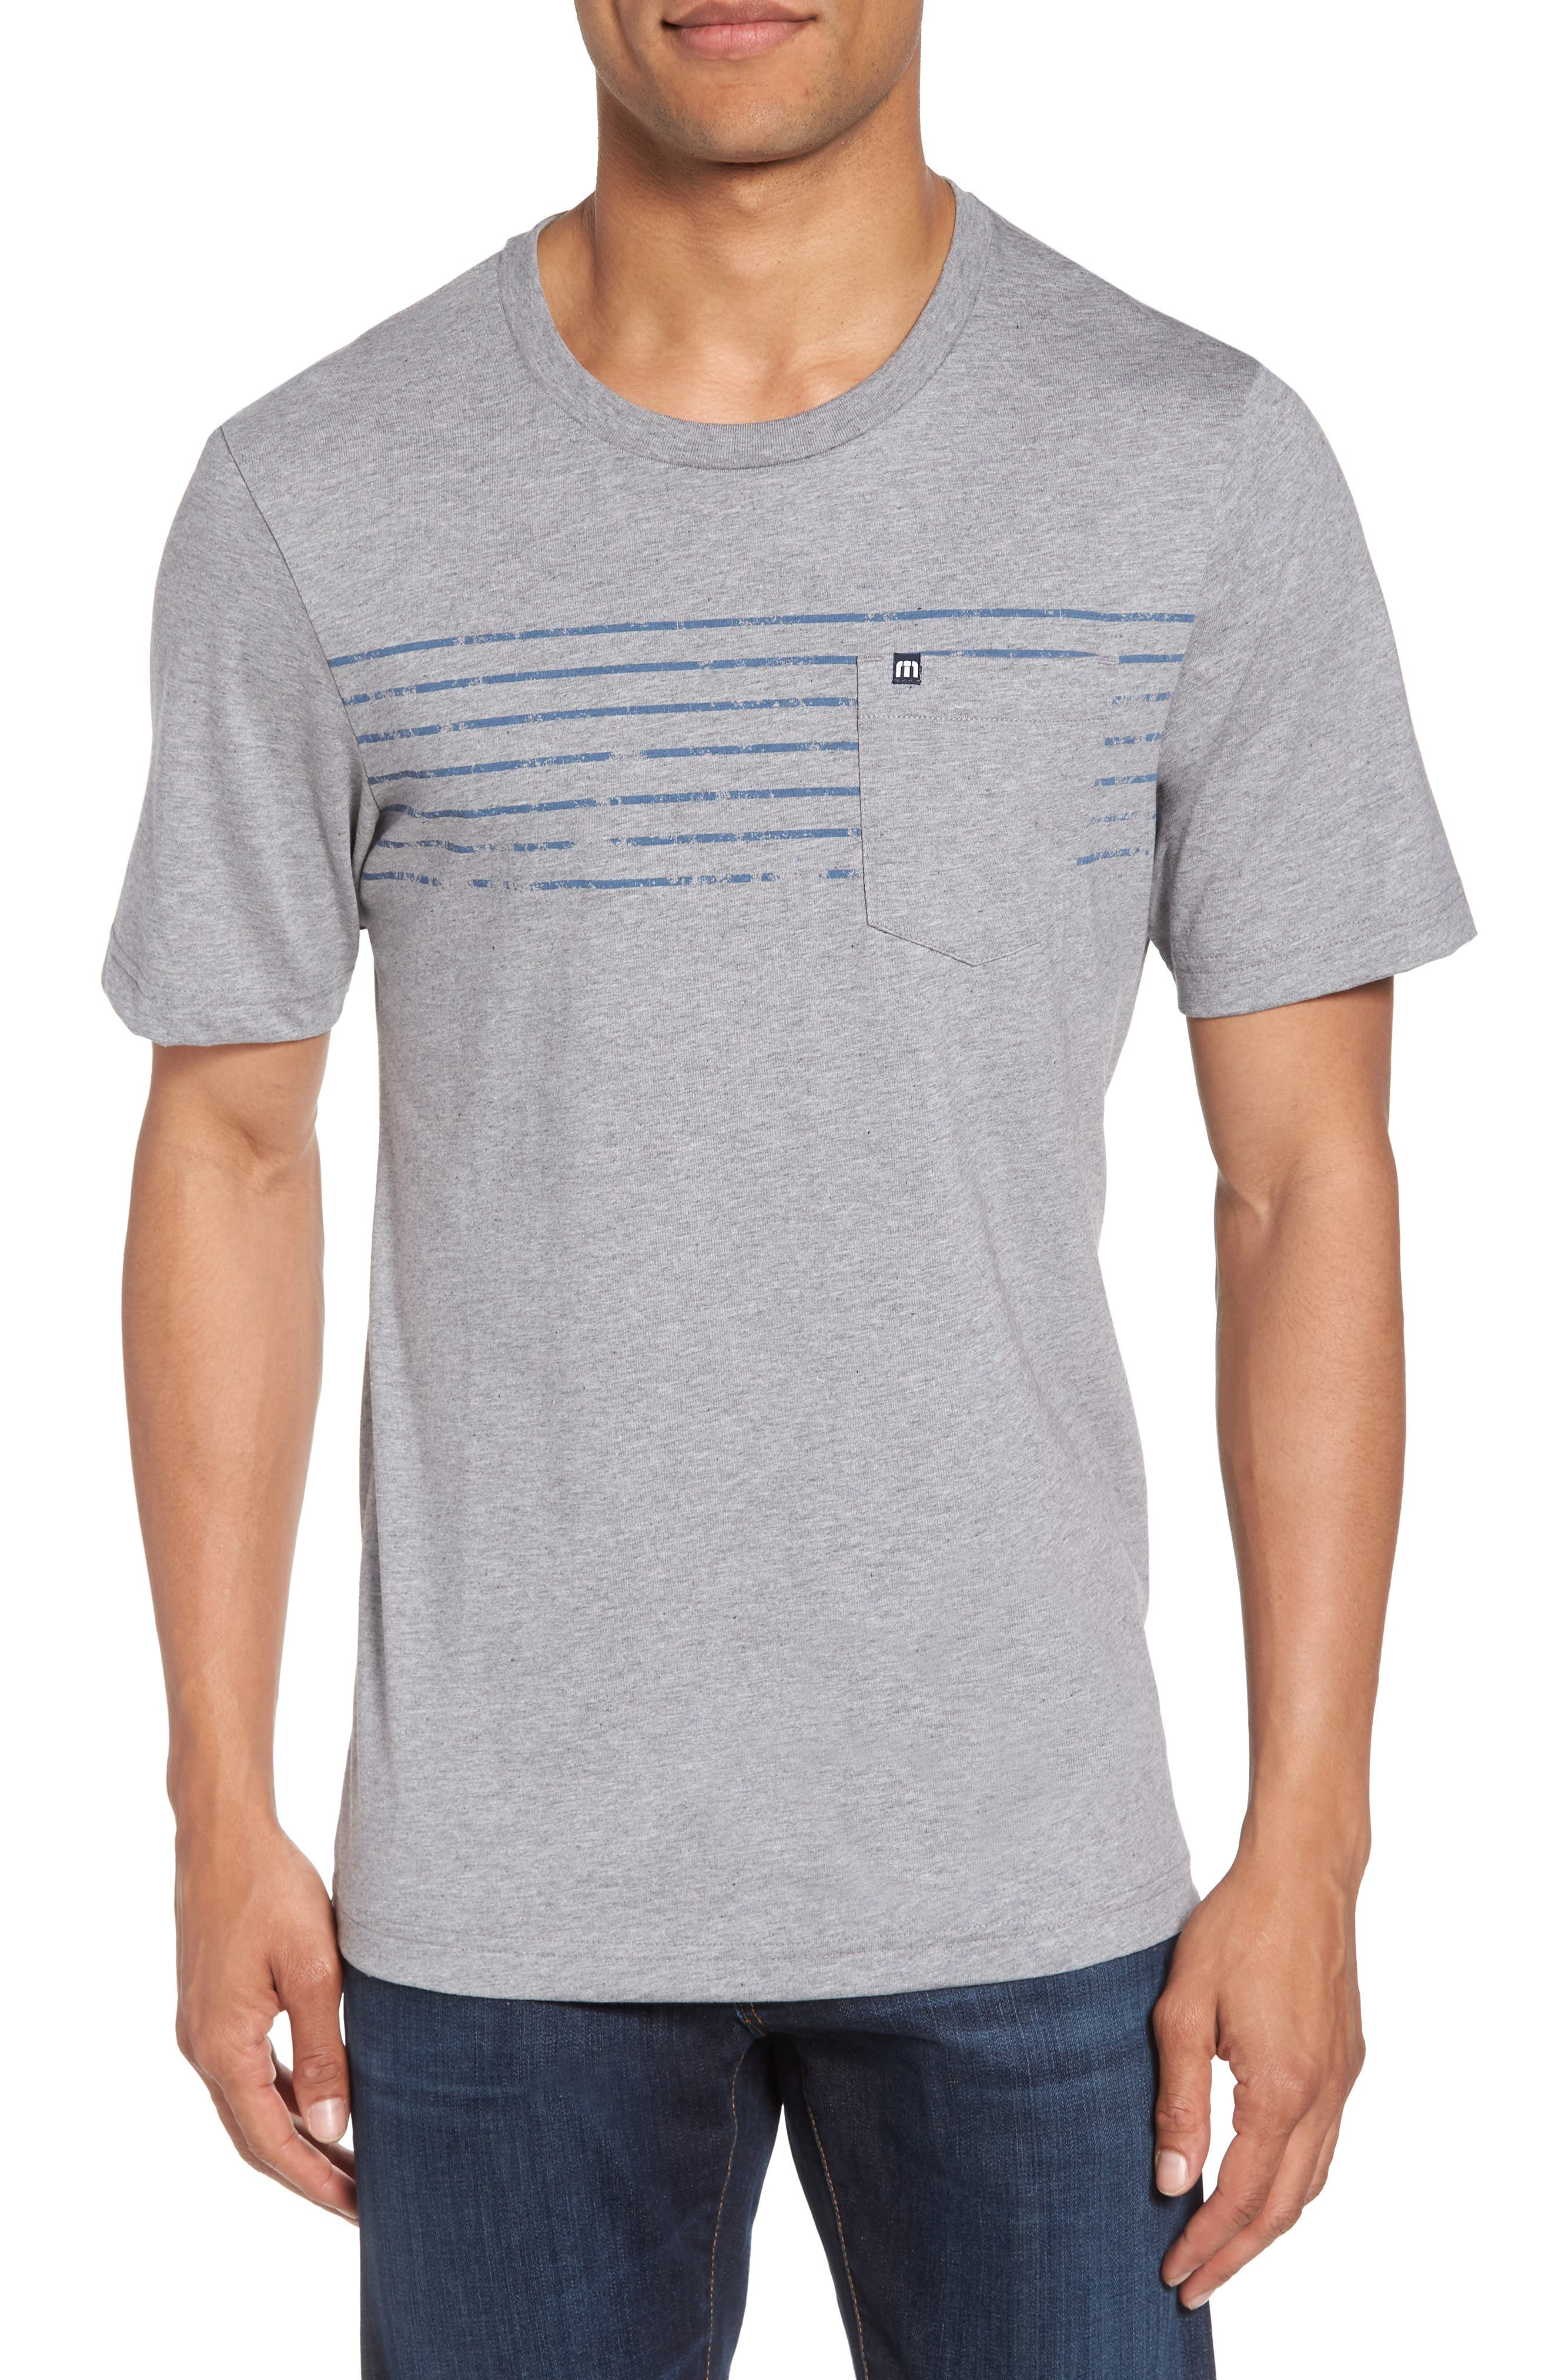 Bogue Pocket T-Shirt,                             Main thumbnail 1, color,                             020